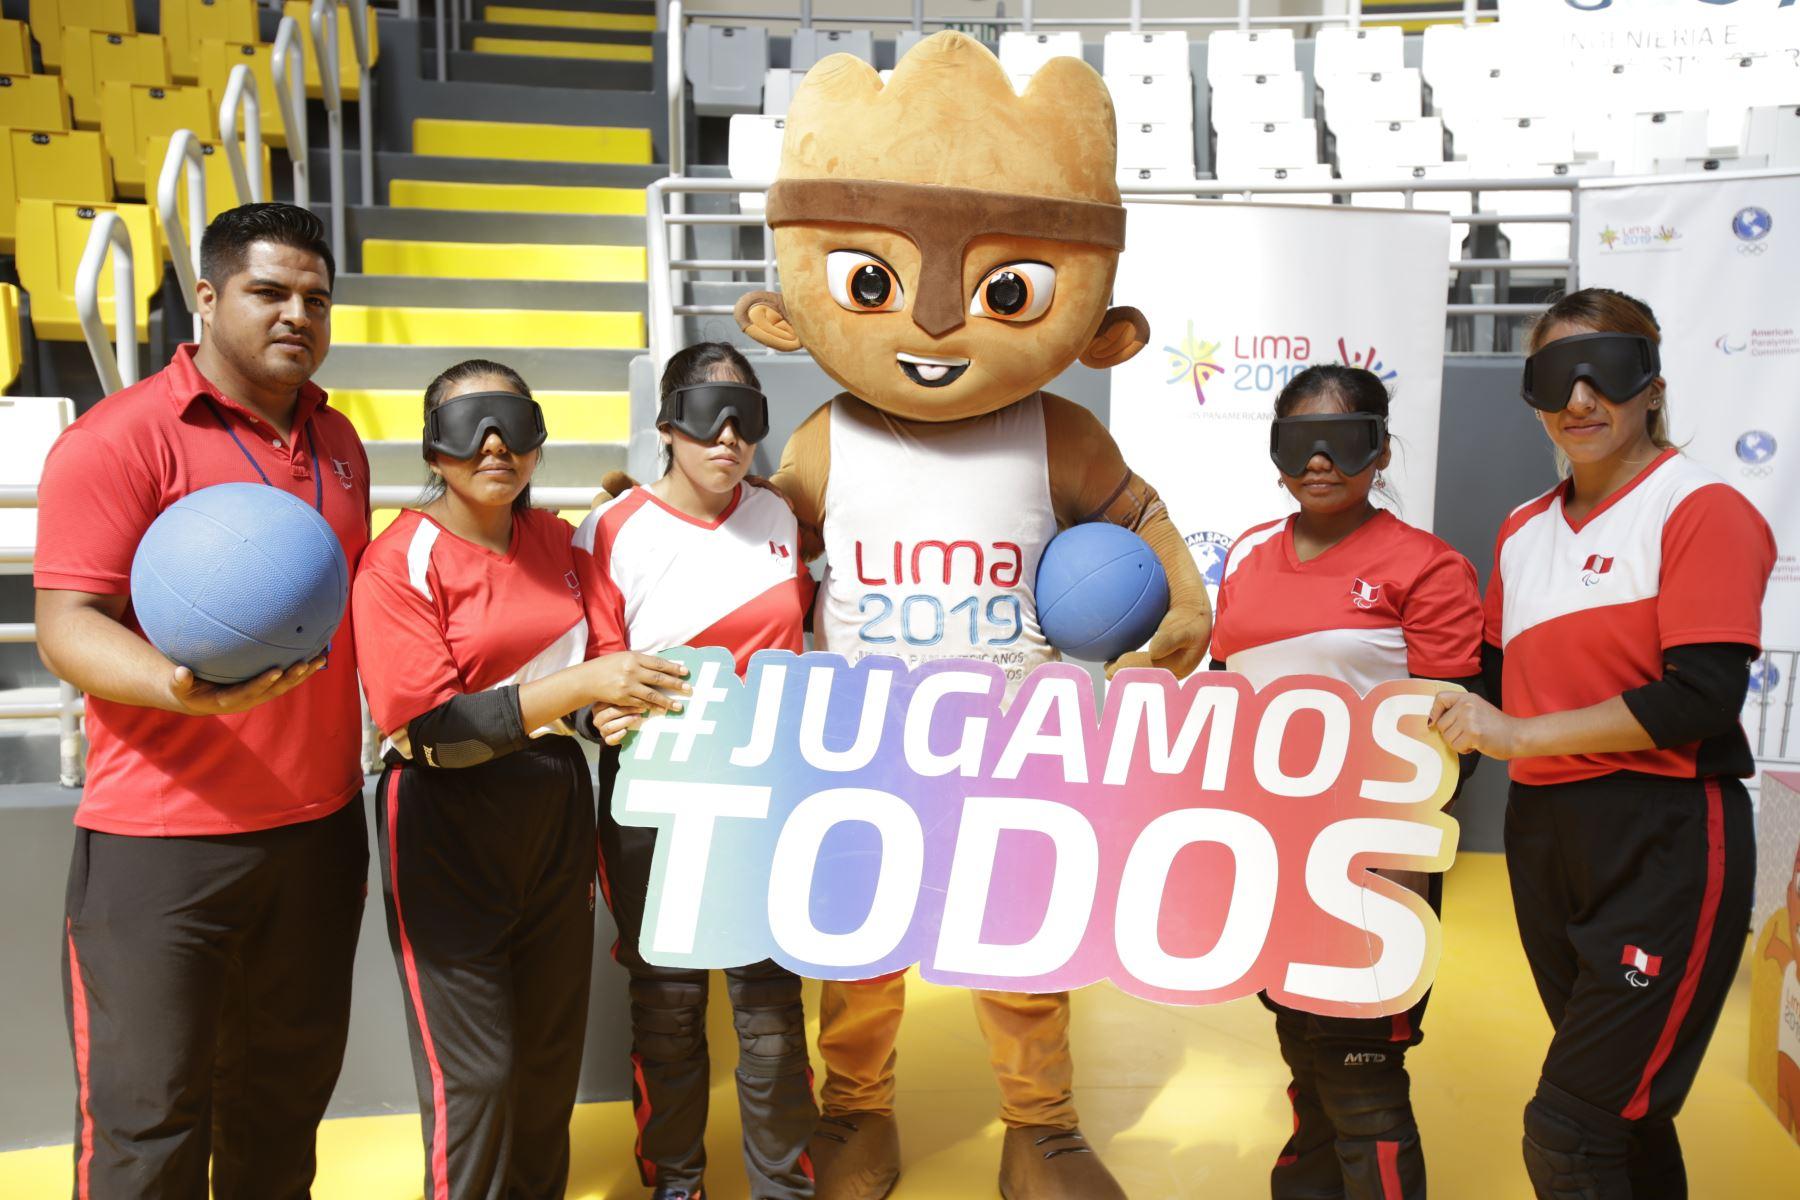 El Coliseo Miguel Grau del Callao fue remodelado para albergar a 2 mil 400 espectadores y será completamente accesible para las personas con discapacidad.Foto: ANDINA/Lima 2019